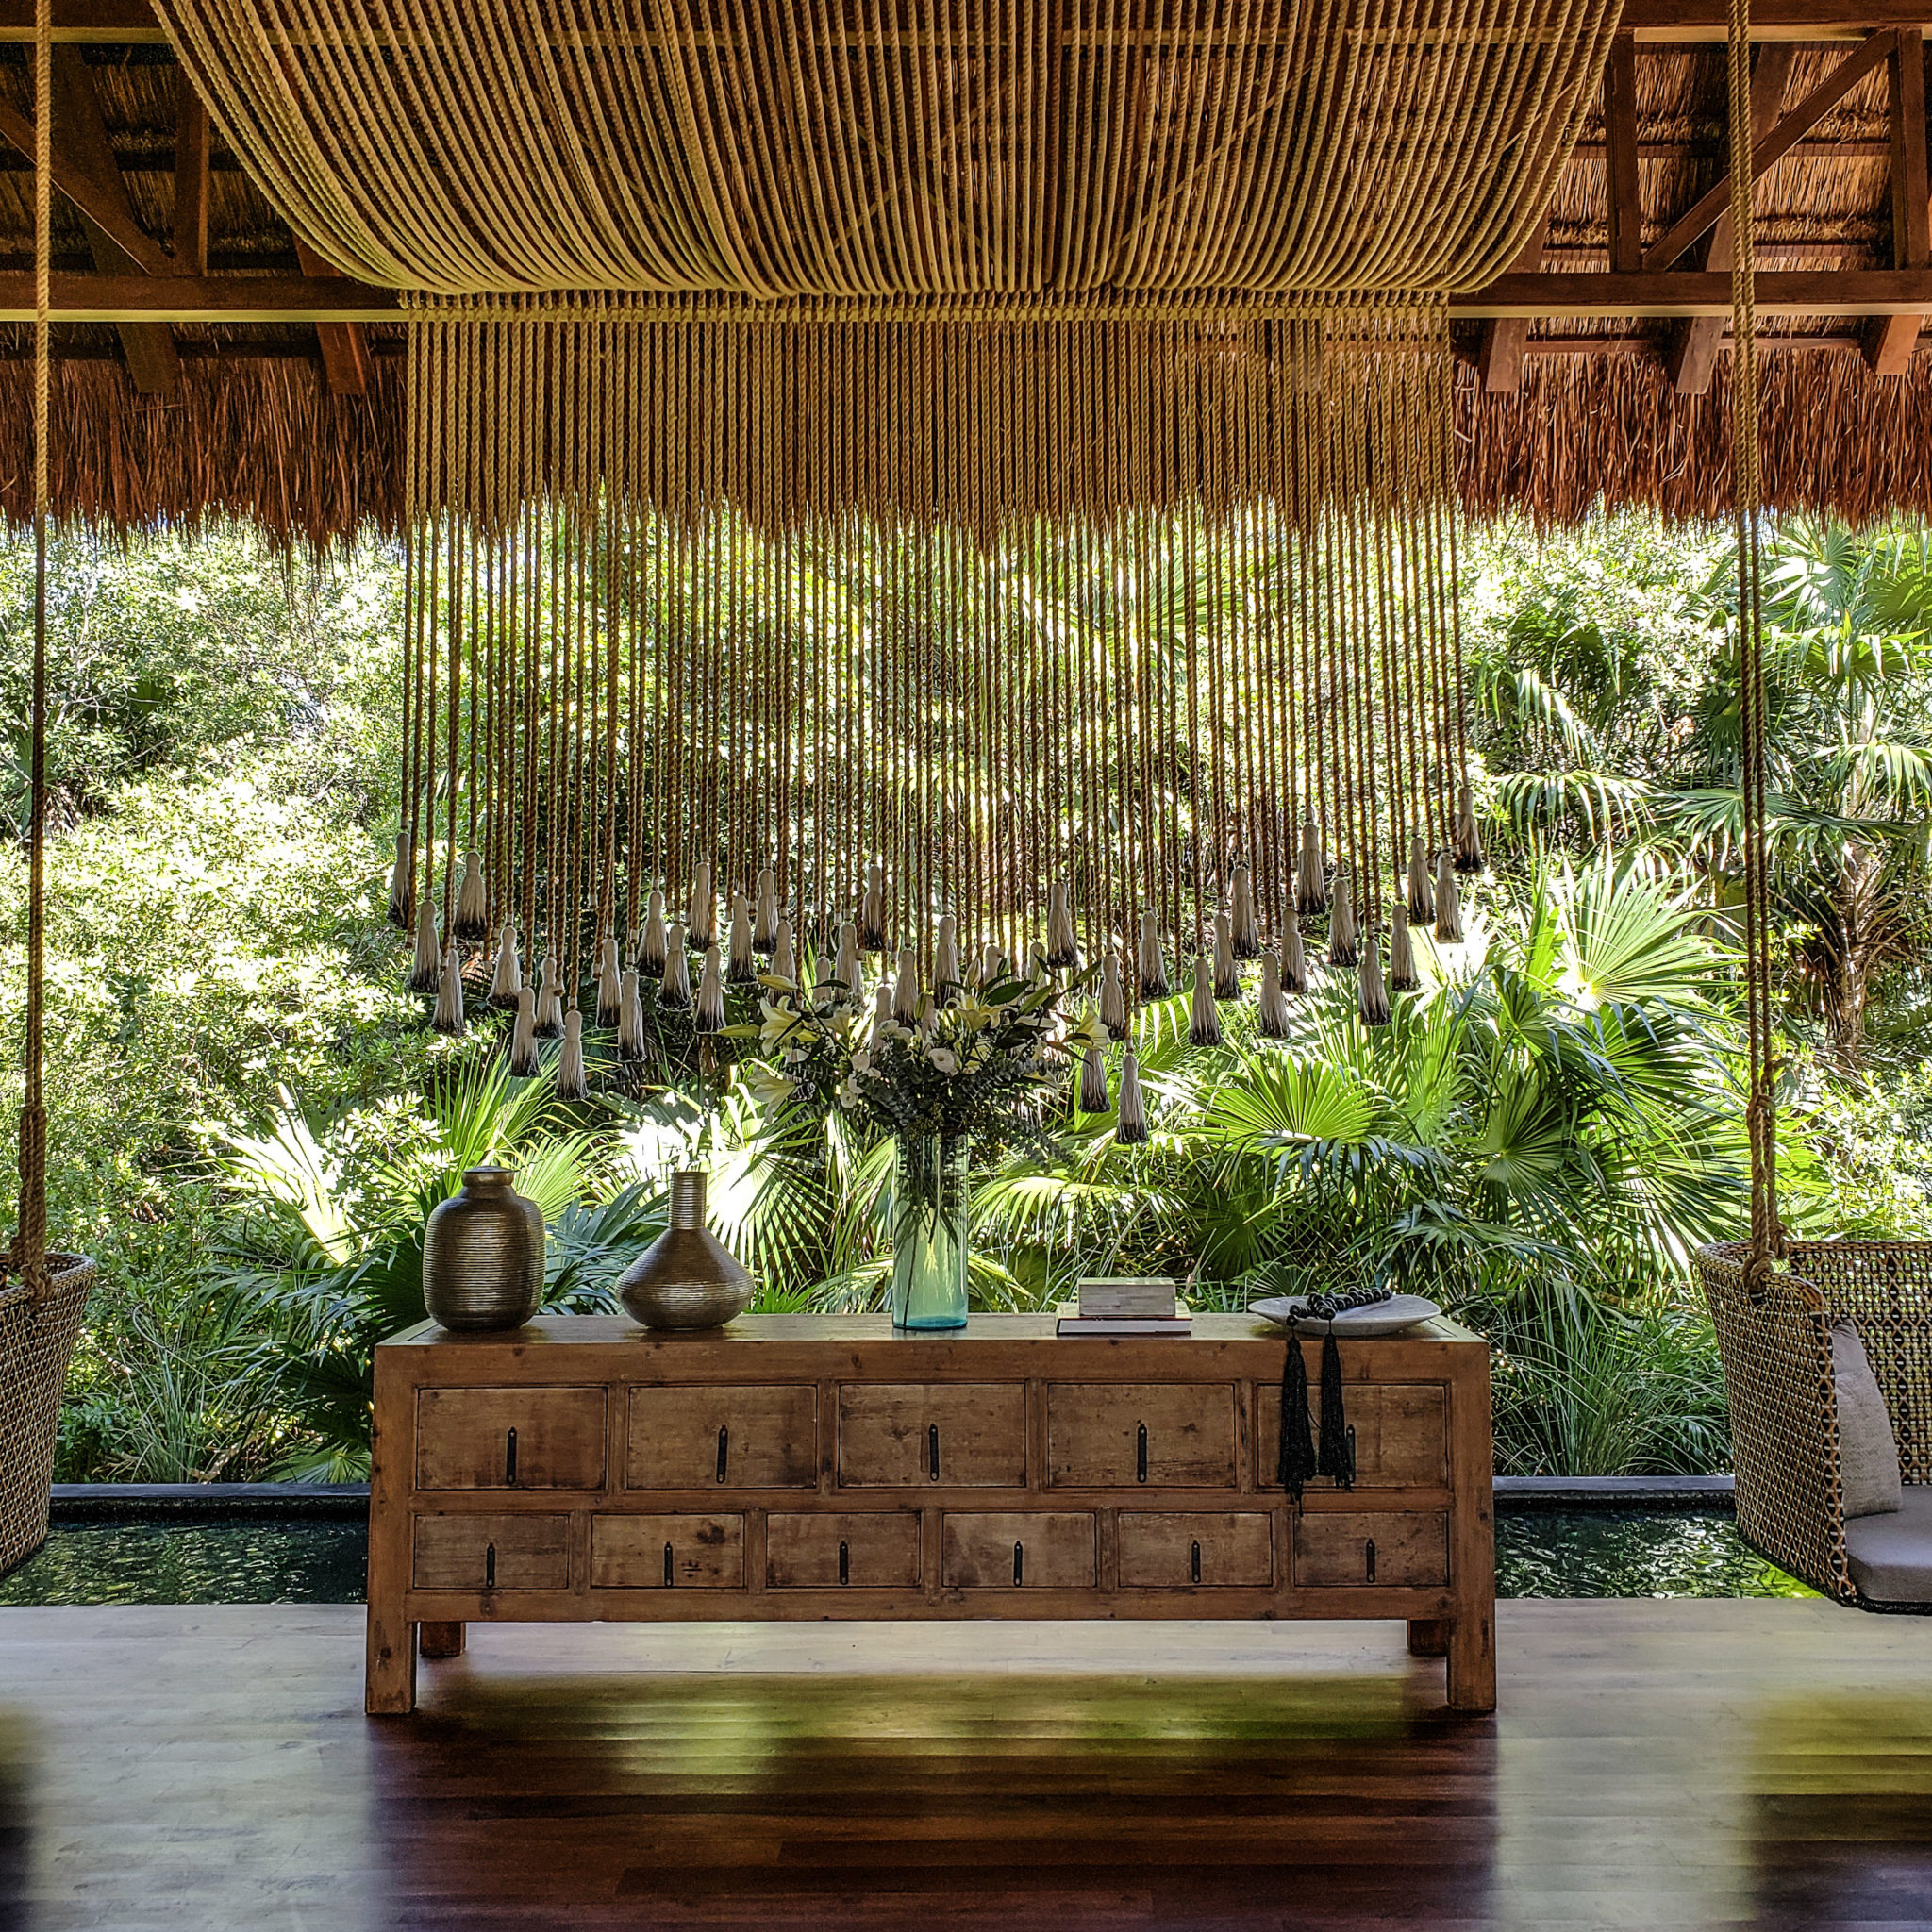 Chable Maroma Resort - Quintana Roo - Playa Del Carmen - Playa Maroma - Lobby